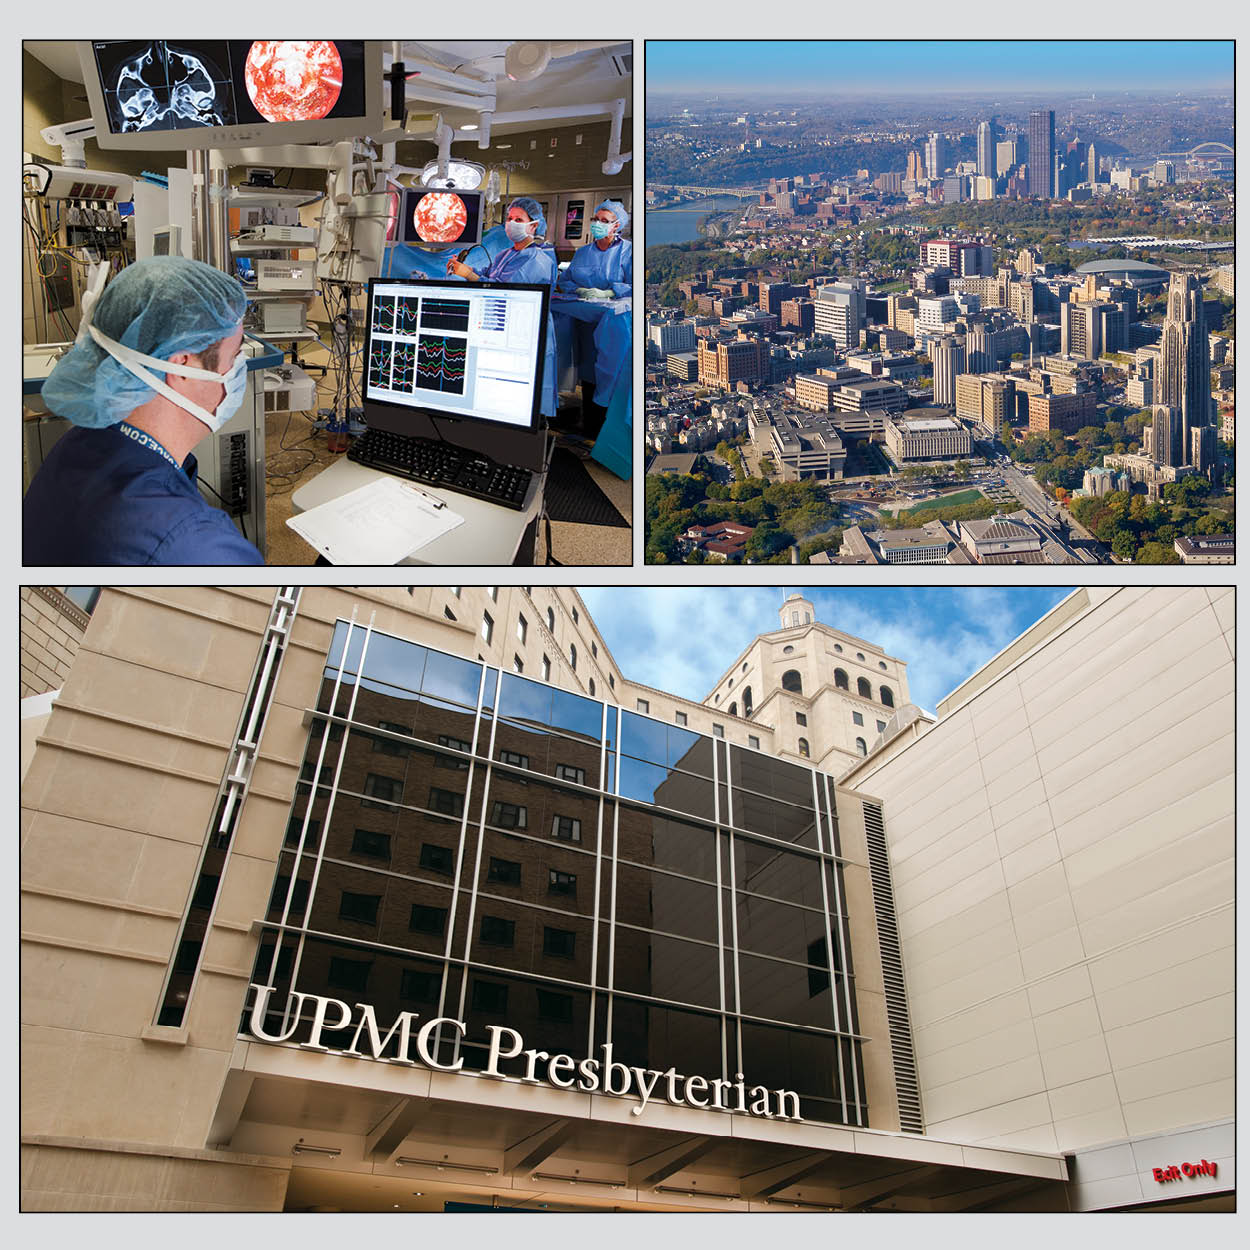 UPMC Presbyterian Shadyside | 100 Hospitals with Great Heart